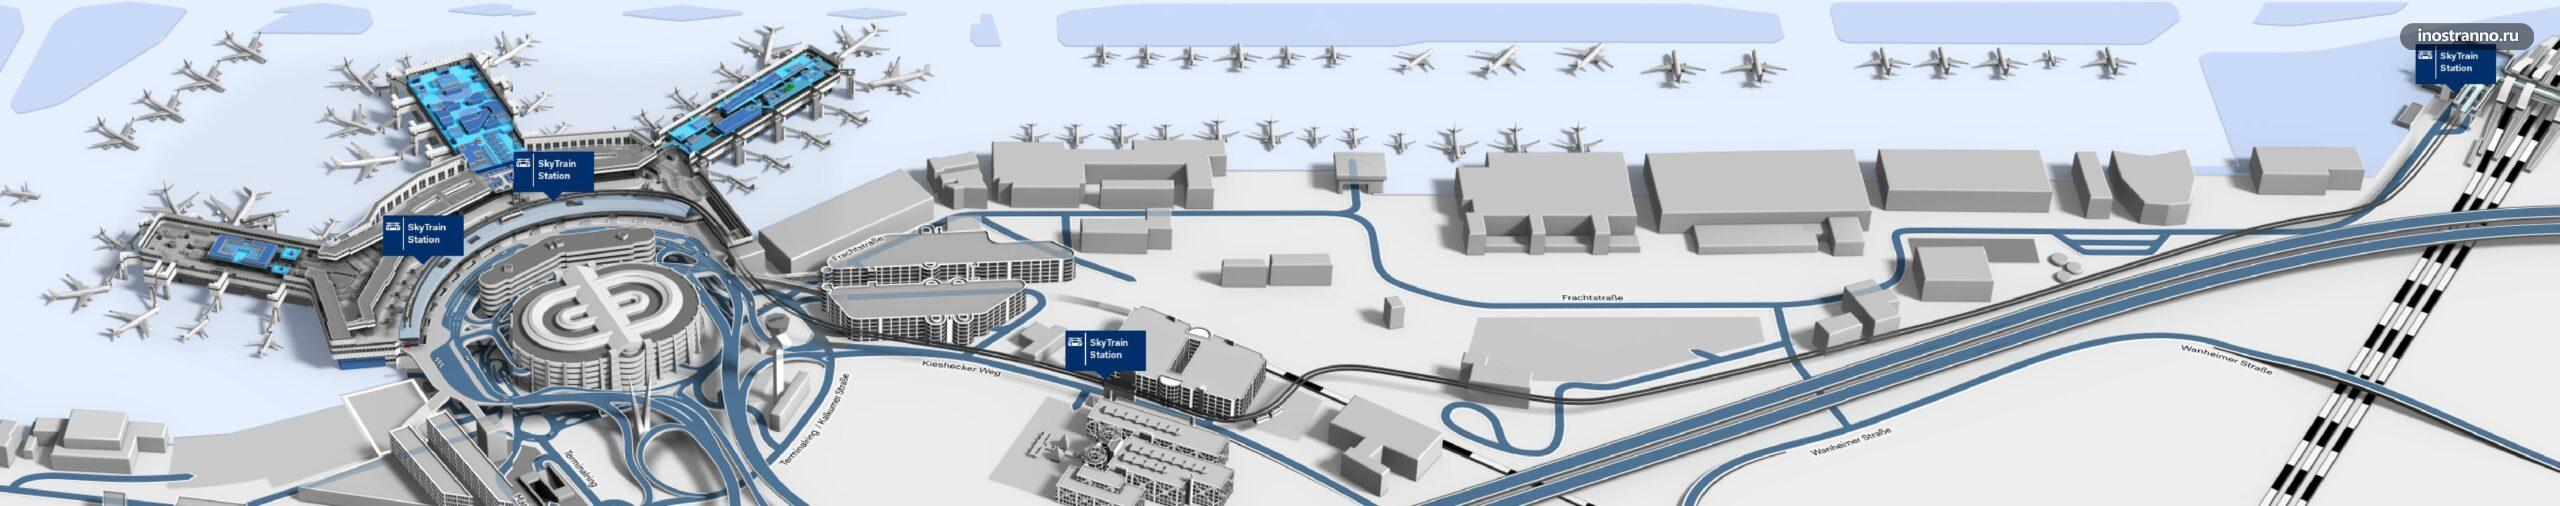 План движения монорельса в аэропорту Дюссельдорфа